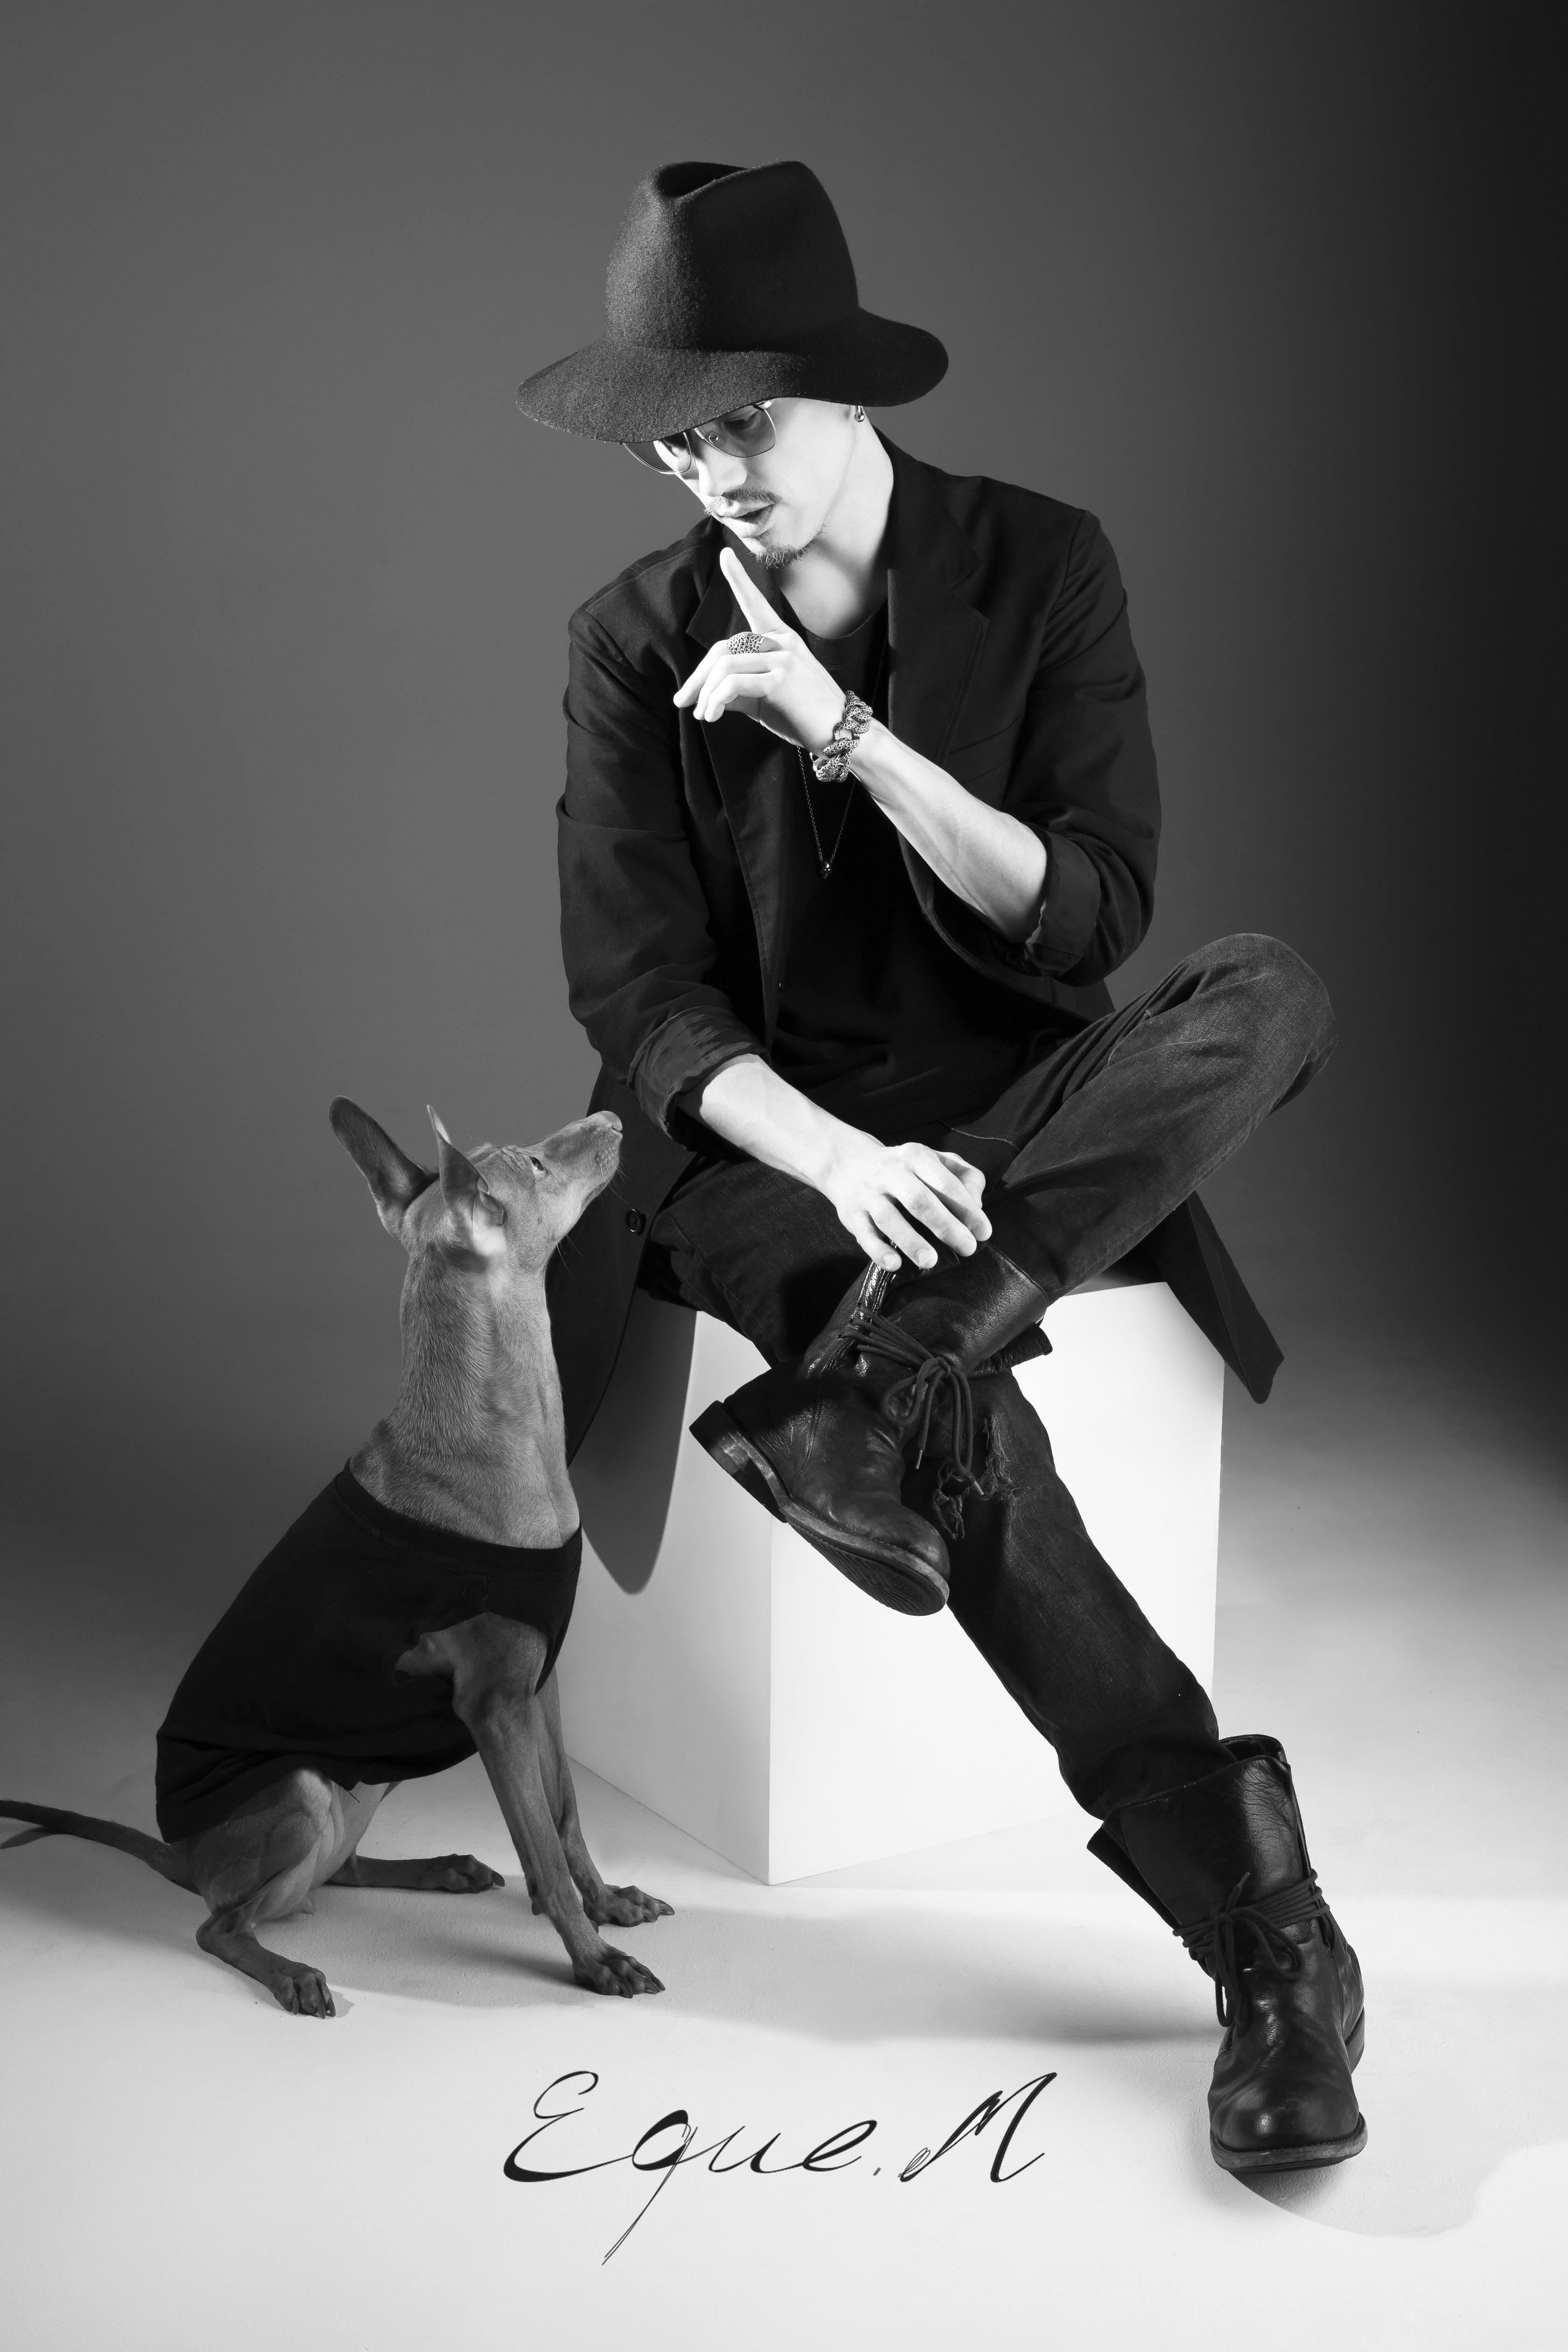 Schwarz-weiß Aufnahme von einem Mann mit schwarzer Kleidung und Hut, mit dem Blick zu einem auf dem Boden sitzenden Hund gerichtet.